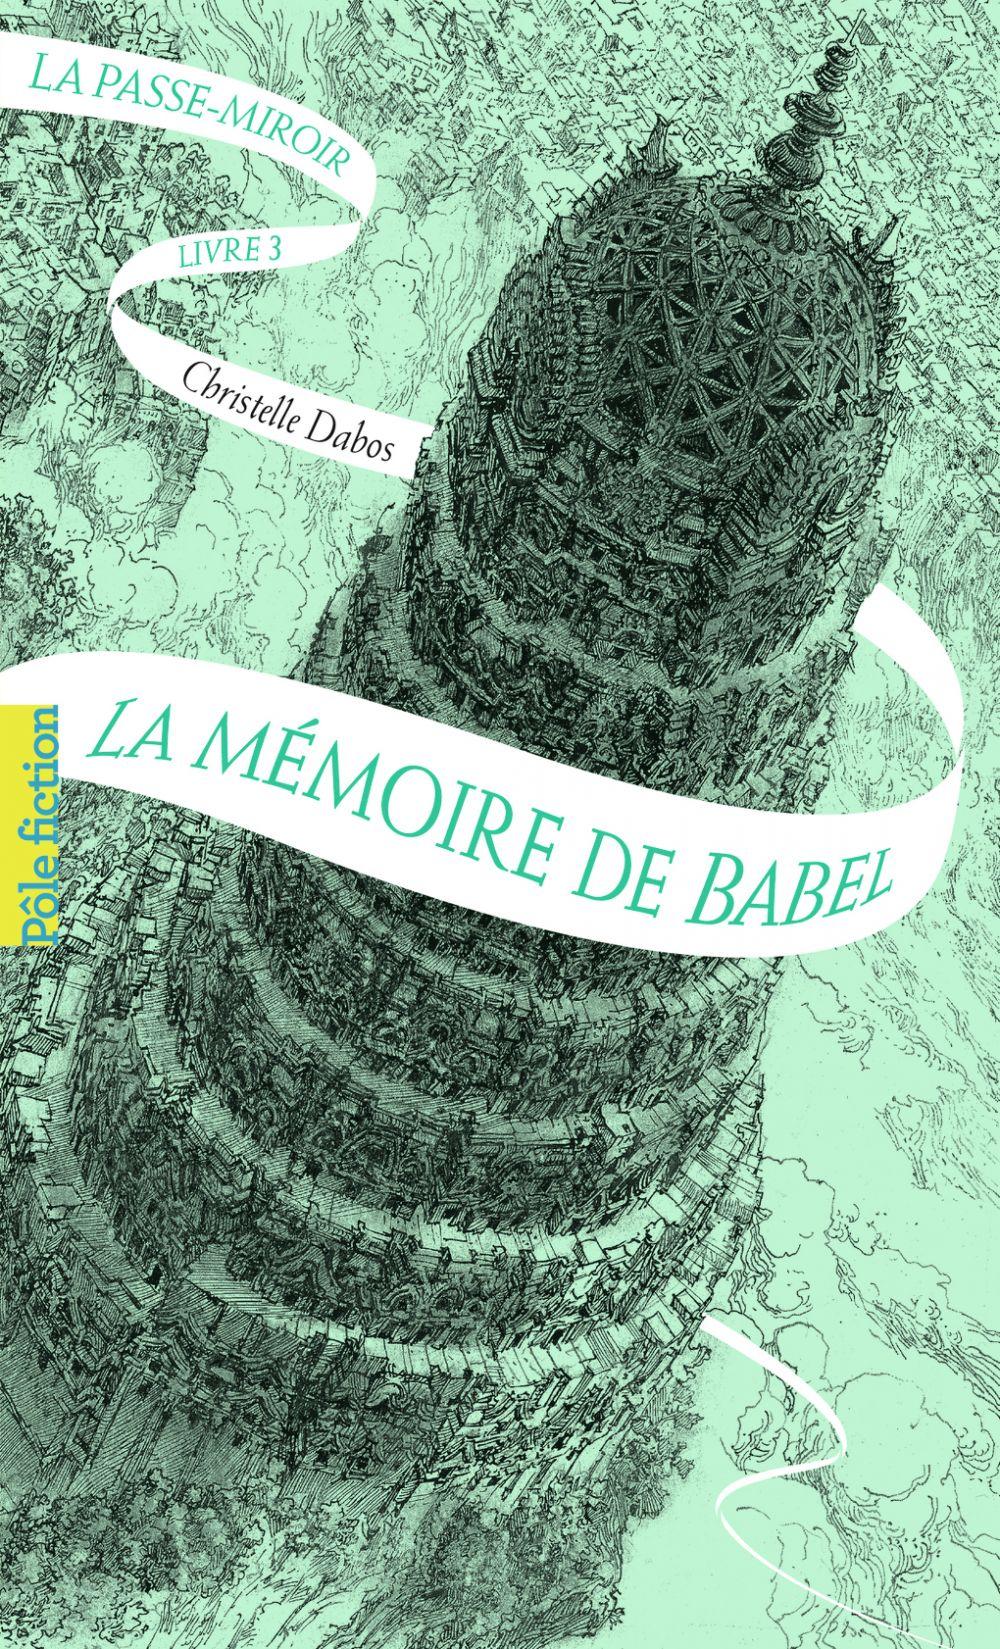 La Passe-miroir (Livre 3) - La Mémoire de Babel |